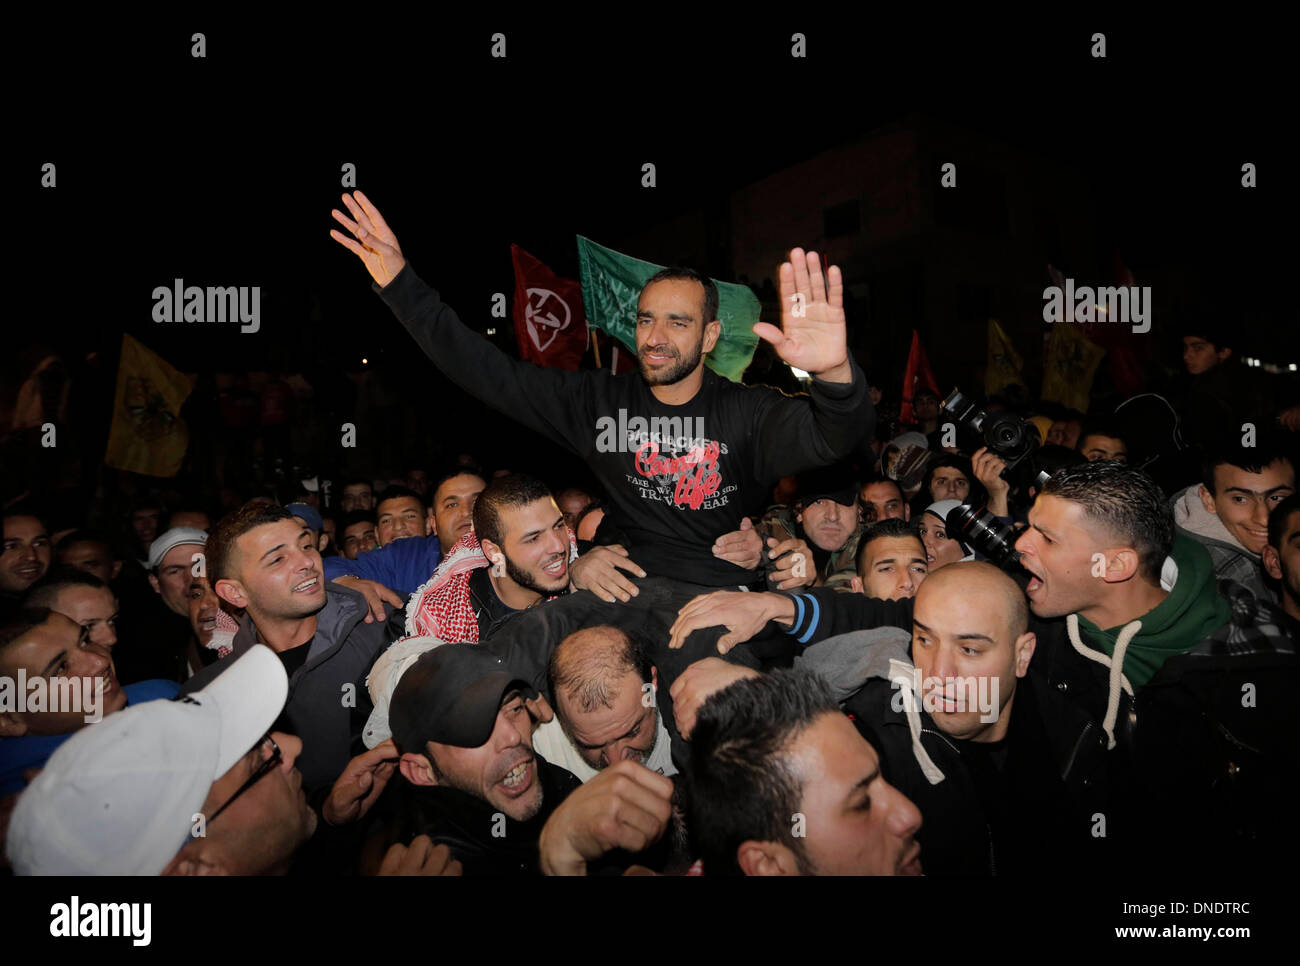 Jérusalem. Dec 23, 2013. Transporter les Palestiniens libérés prisonnier palestinien Samer Essawi (C) alors qu'ils célèbrent dans Essaweyeh ville de l'Est de Jérusalem, le 23 décembre 2013. Les autorités israéliennes ont libéré le lundi, un Samer Essawi prisonnier palestinien qui est allé sur la plus longue grève de la faim contre Israël, après plus de 17 mois de prison, sa famille a déclaré aux journalistes. Credit: Muammar Awad/Xinhua/Alamy Live News Photo Stock